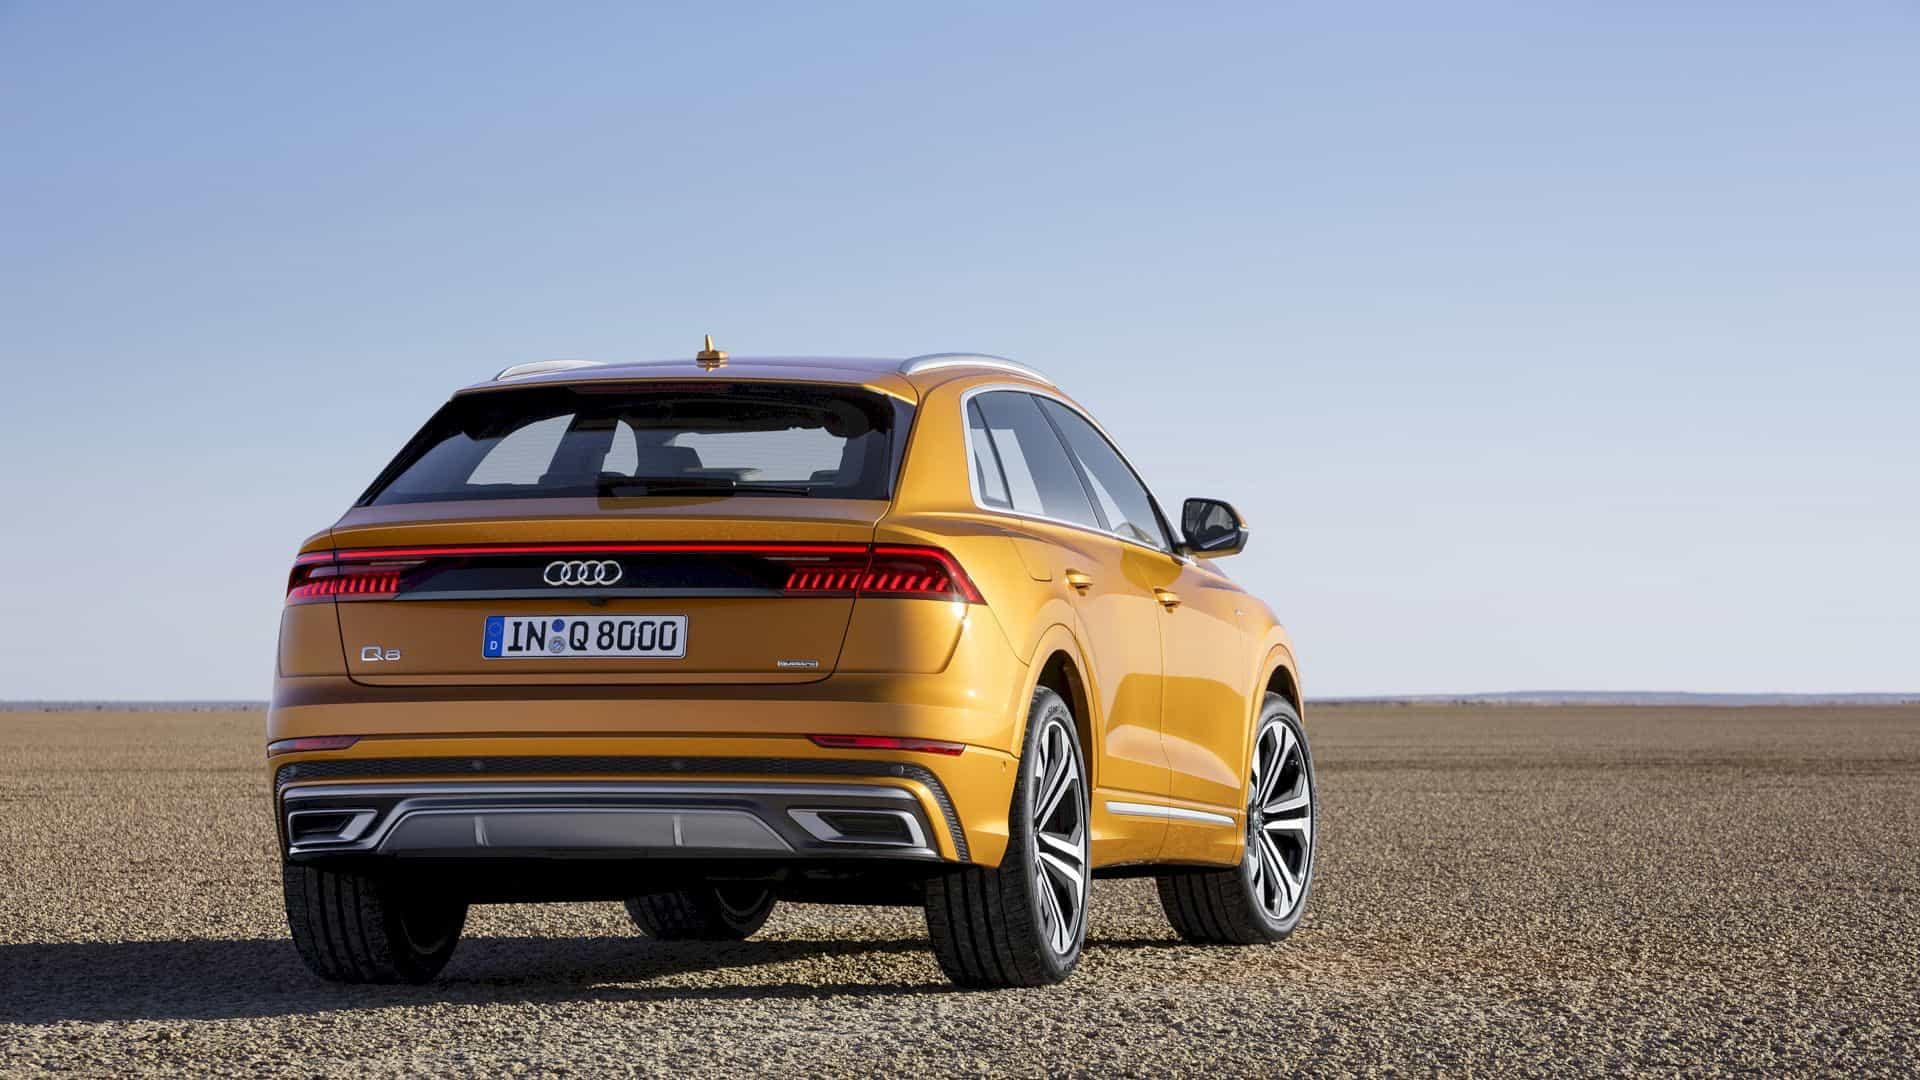 Audi Q8 4